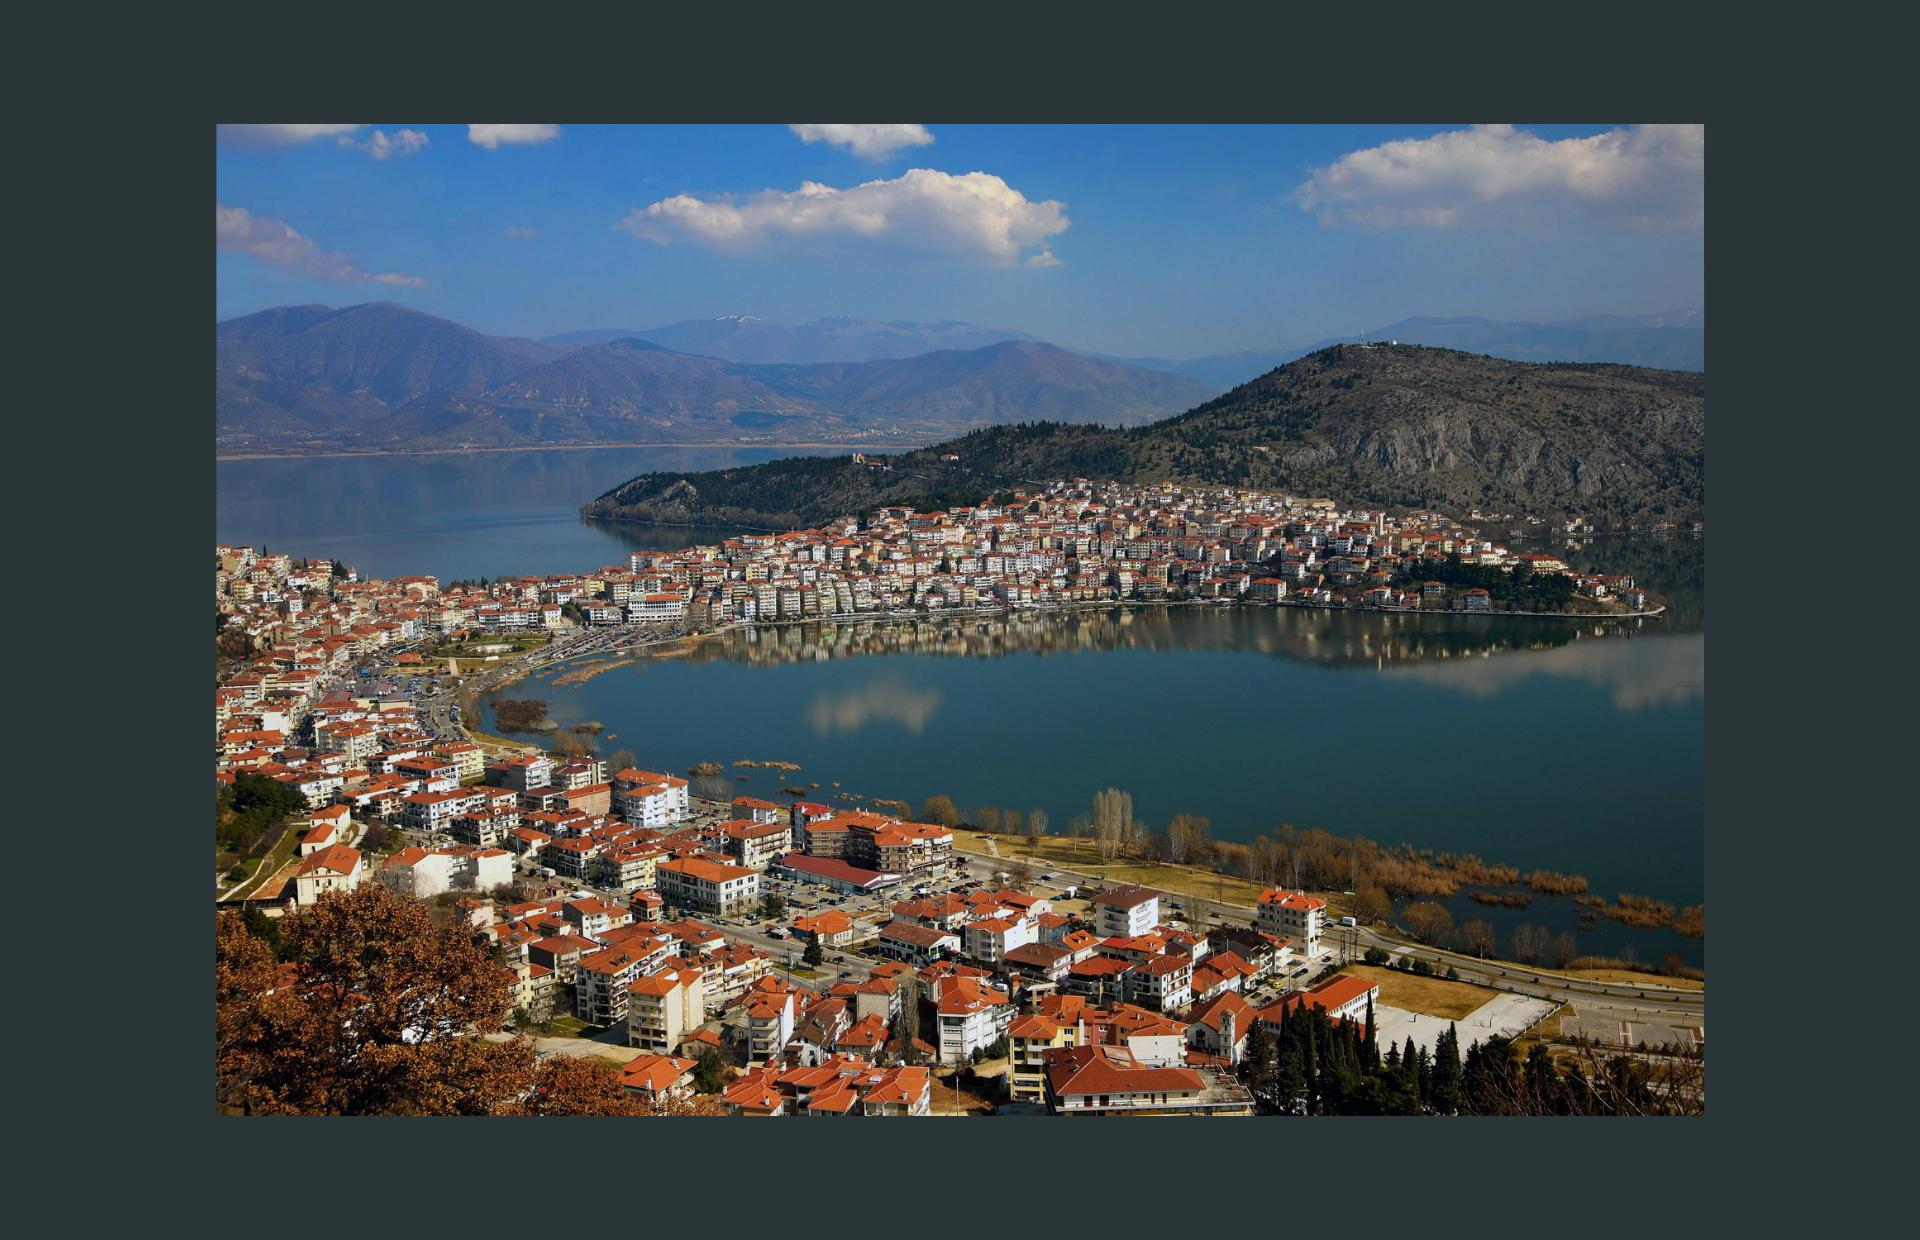 Καστοριά, η πόλη που την αγκαλιάζει μία λίμνη